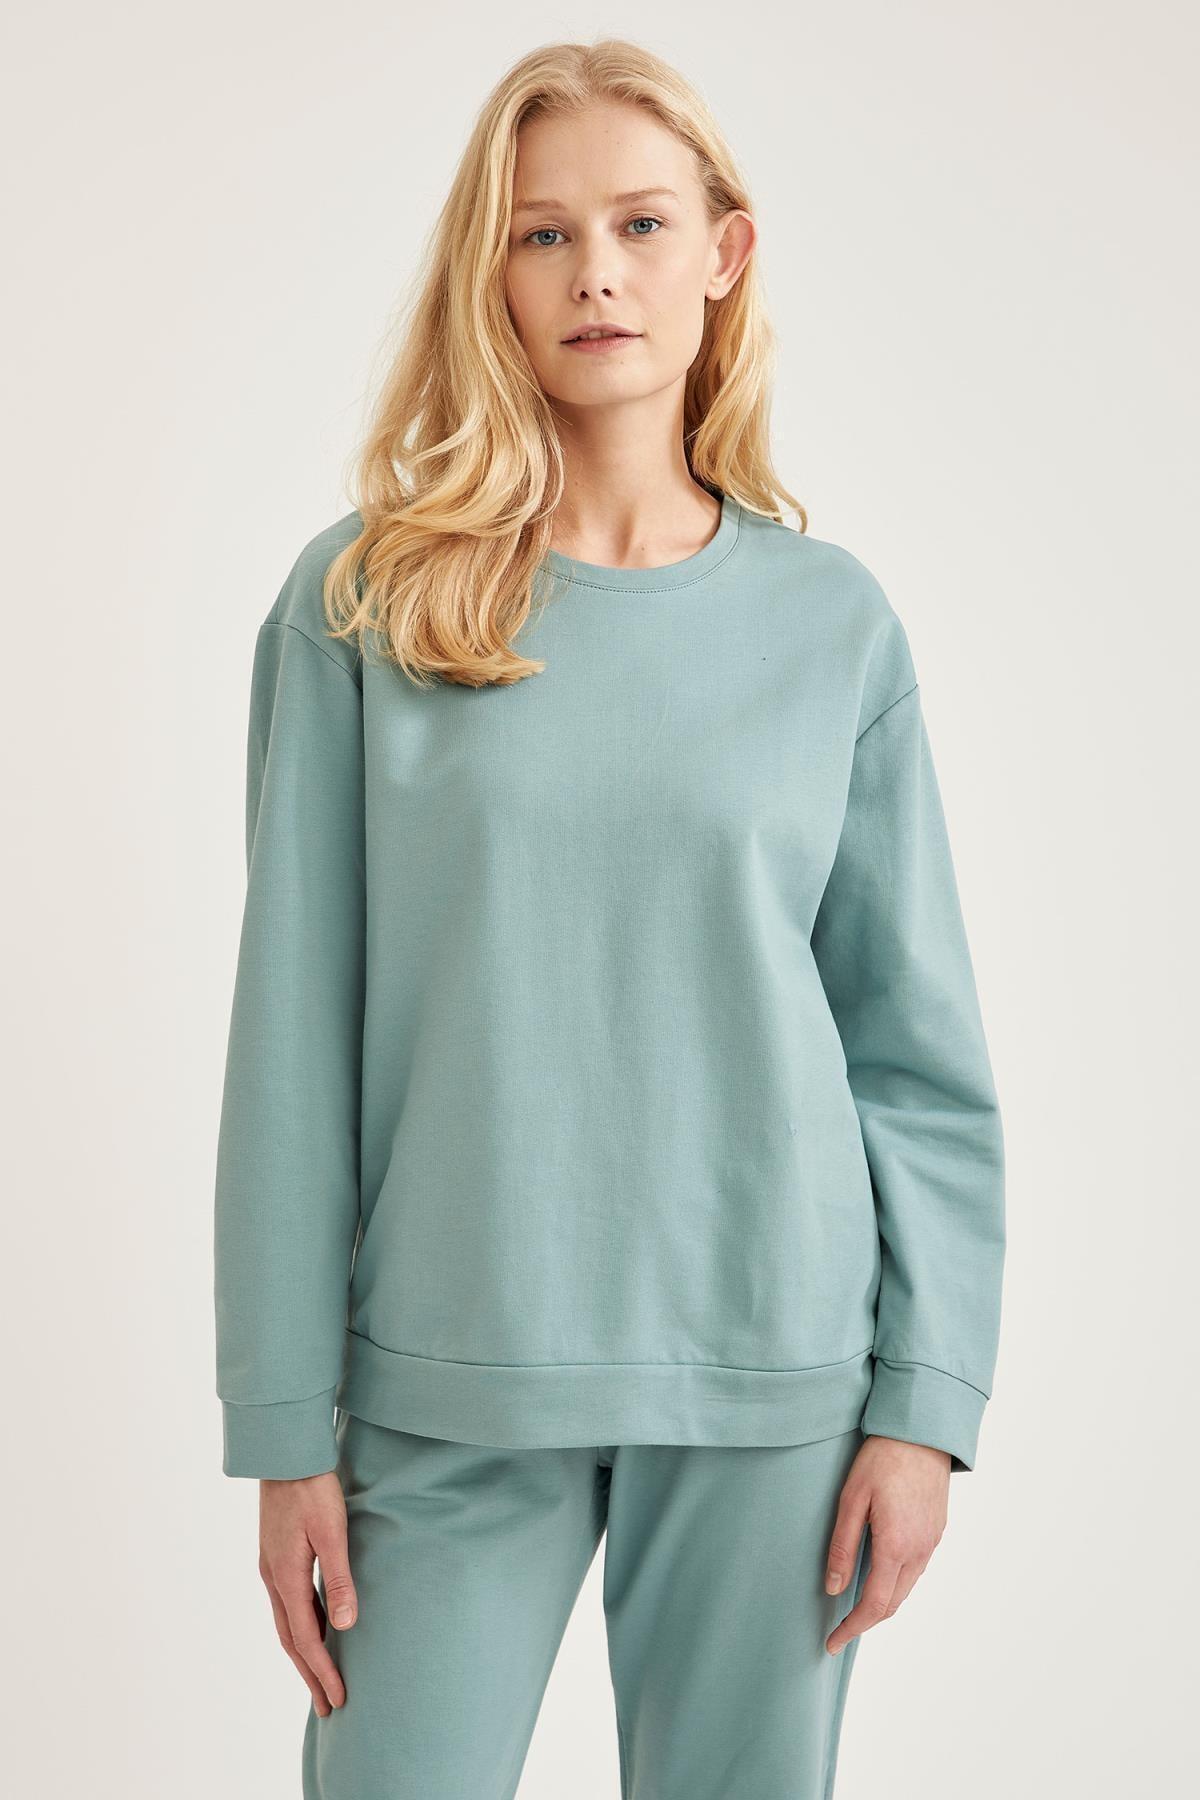 Kadın Yeşil Relax Fit Sweatshirt